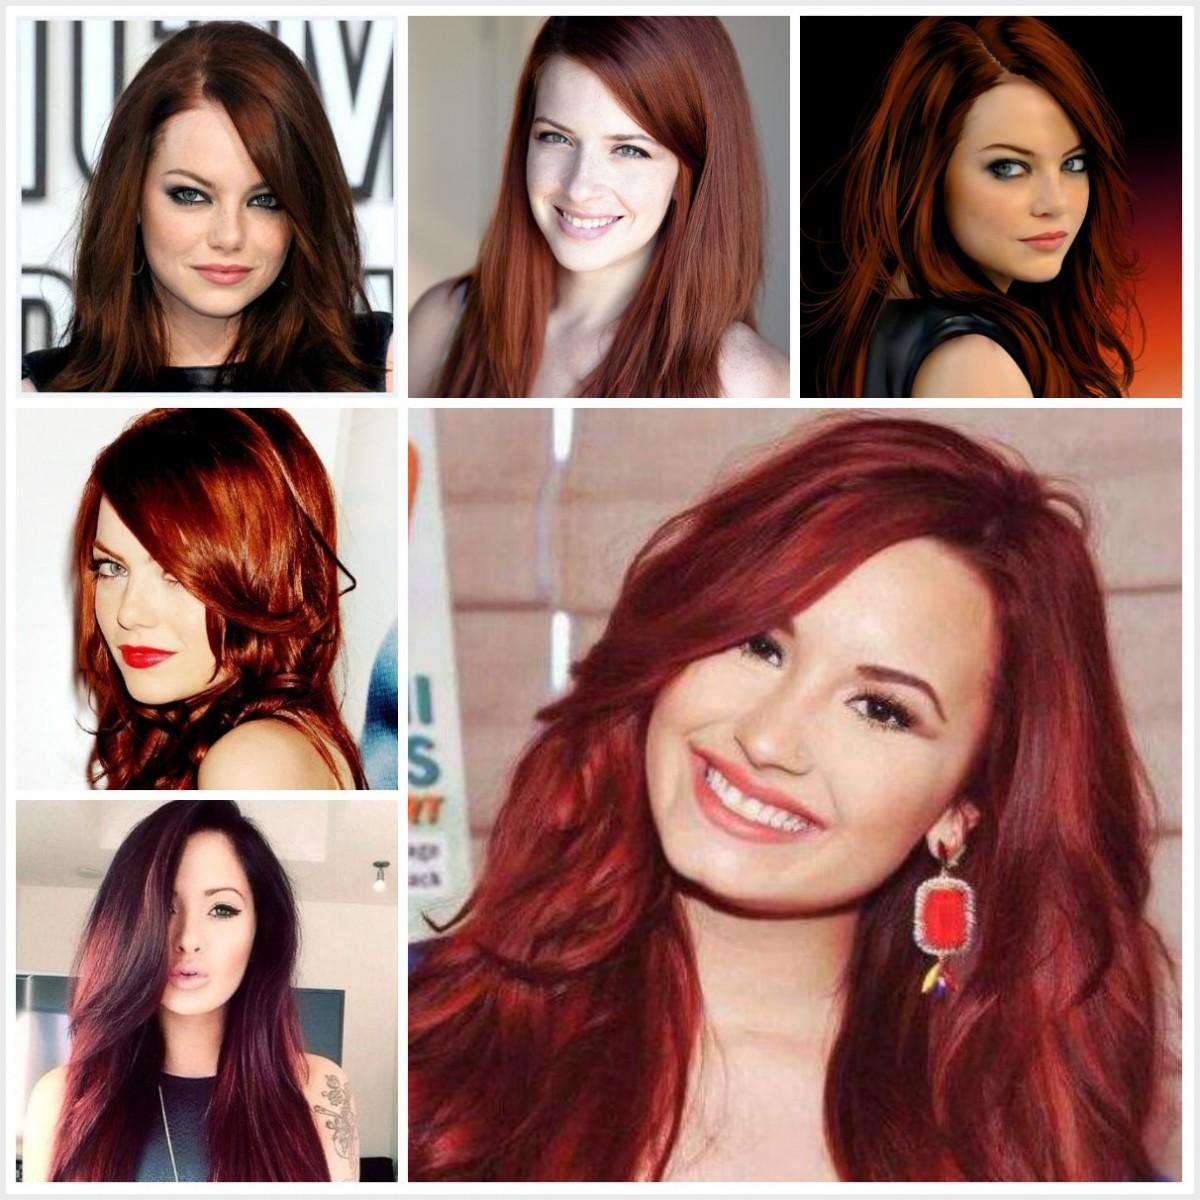 hair dye ideas Best Hair Dye Ideas For Women 2019 unnamed file 260